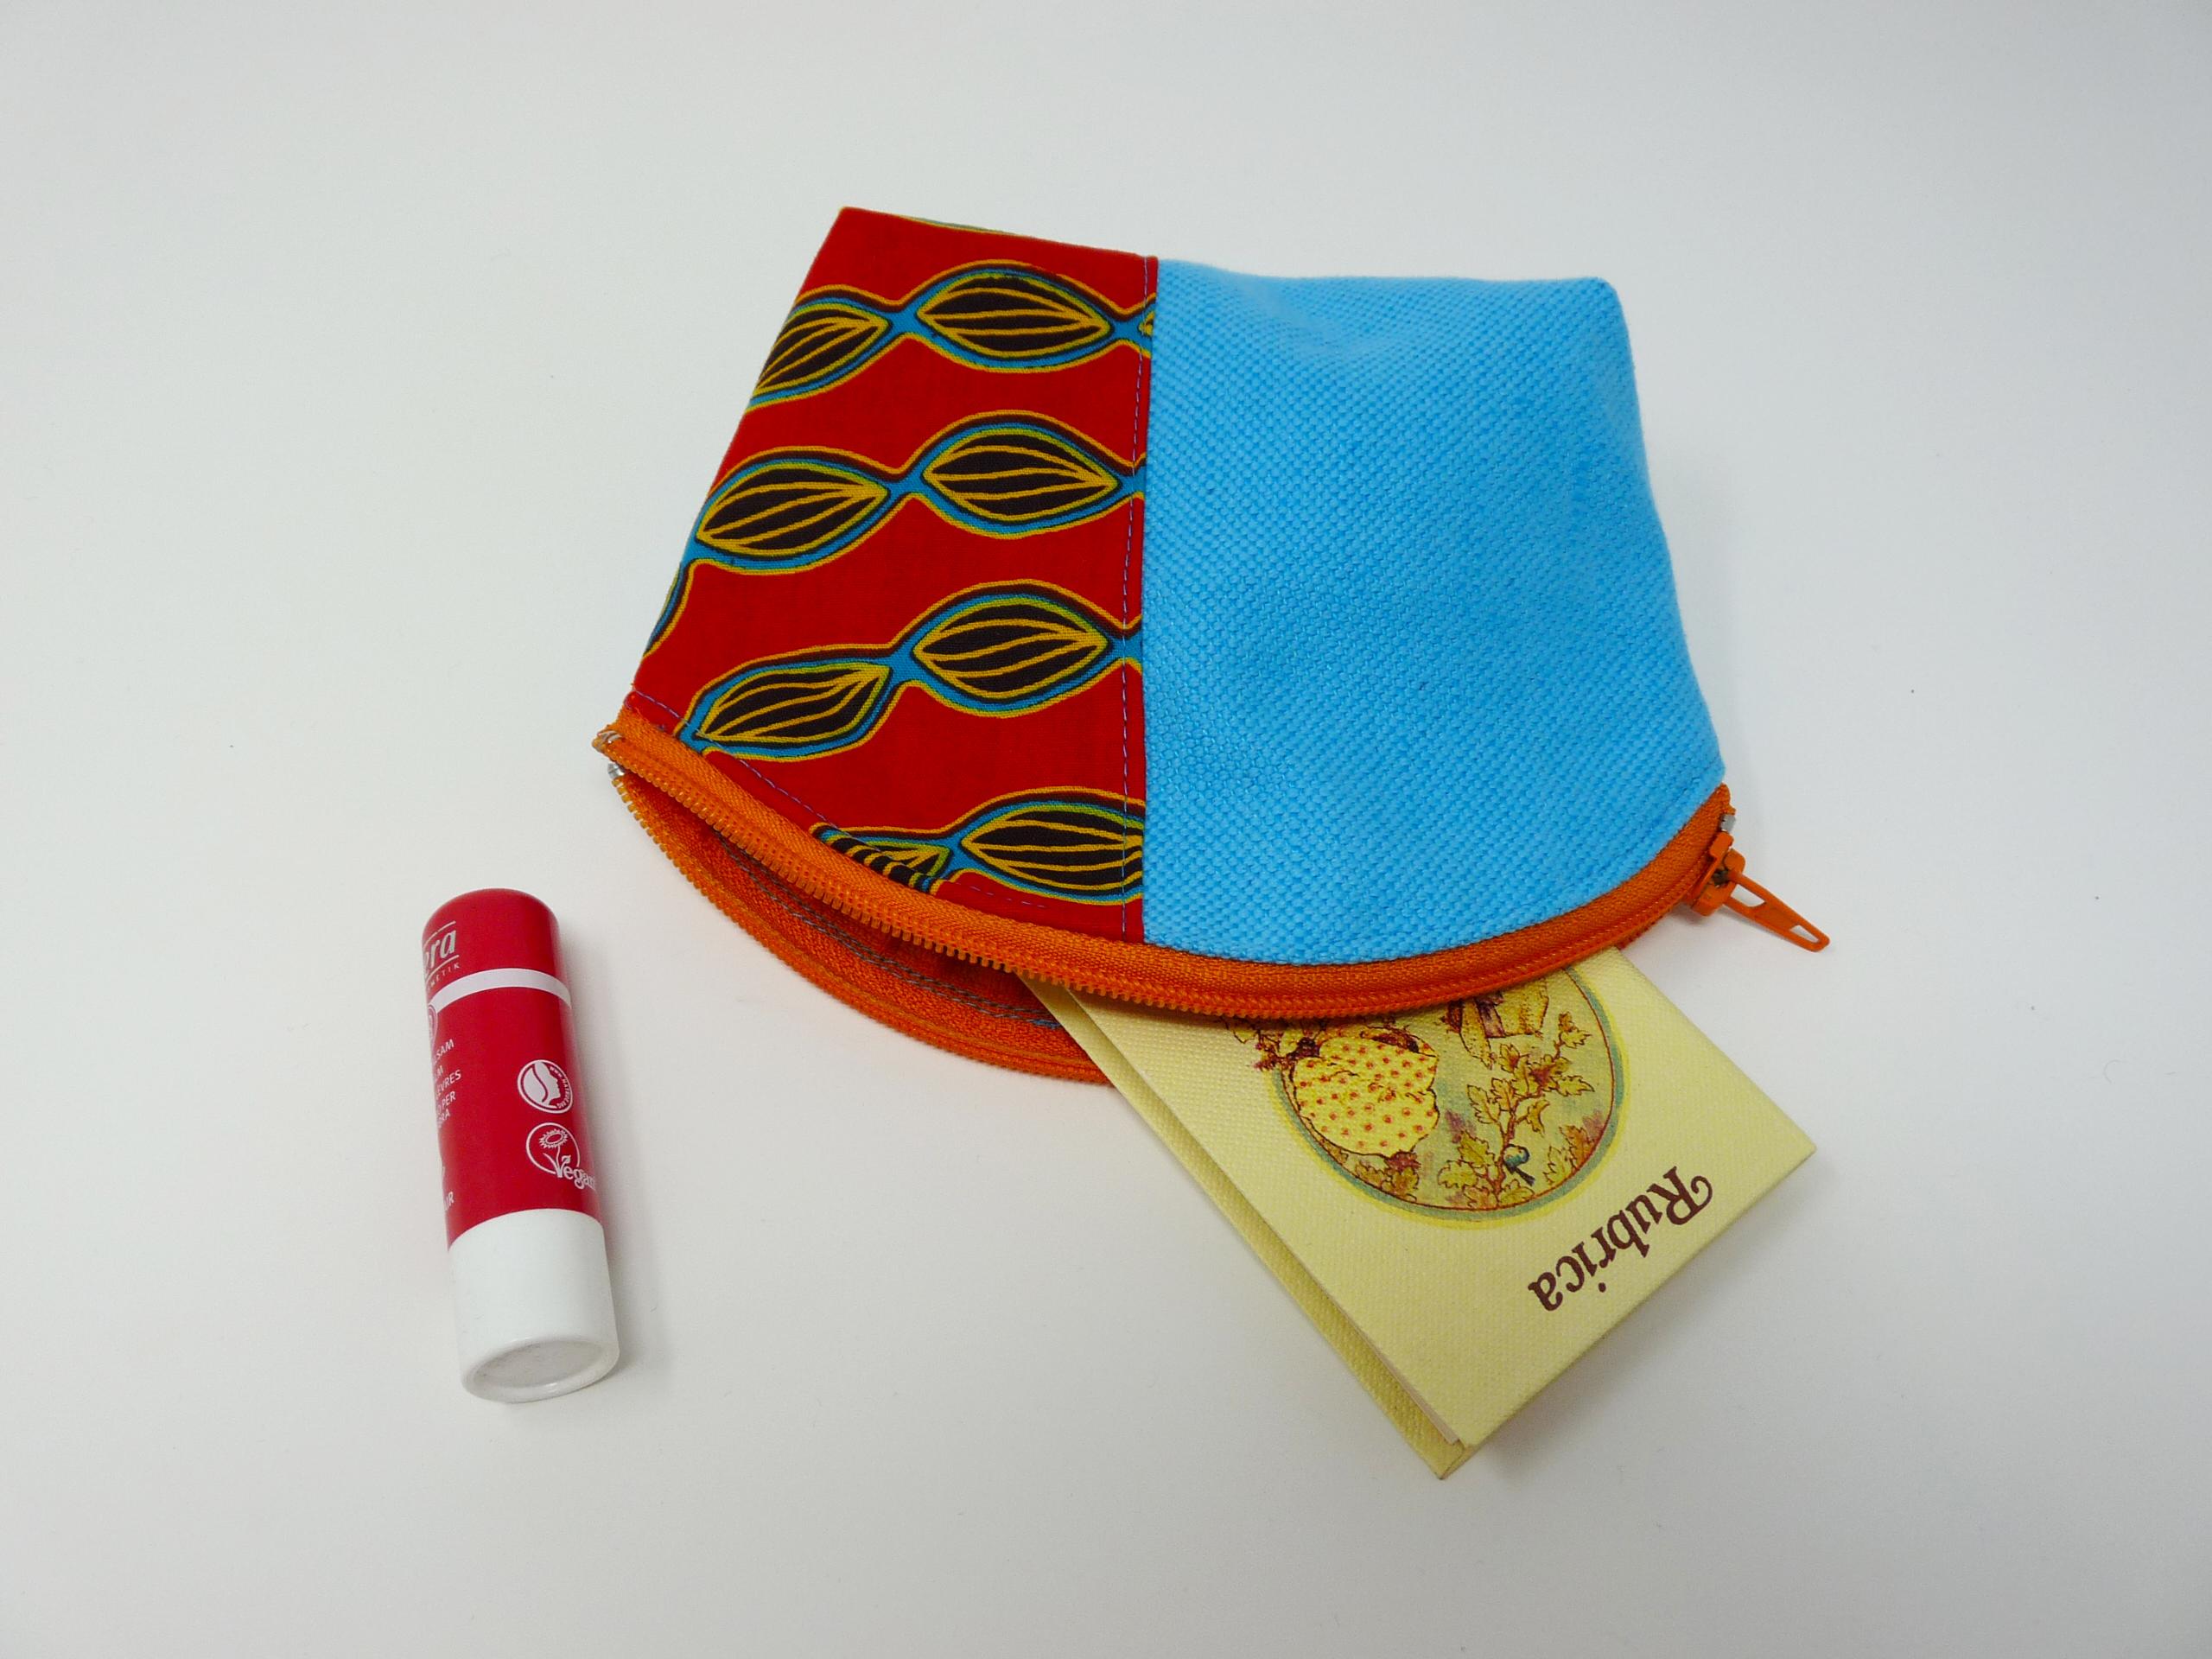 Trousse turquoise avec tissu africain rouge